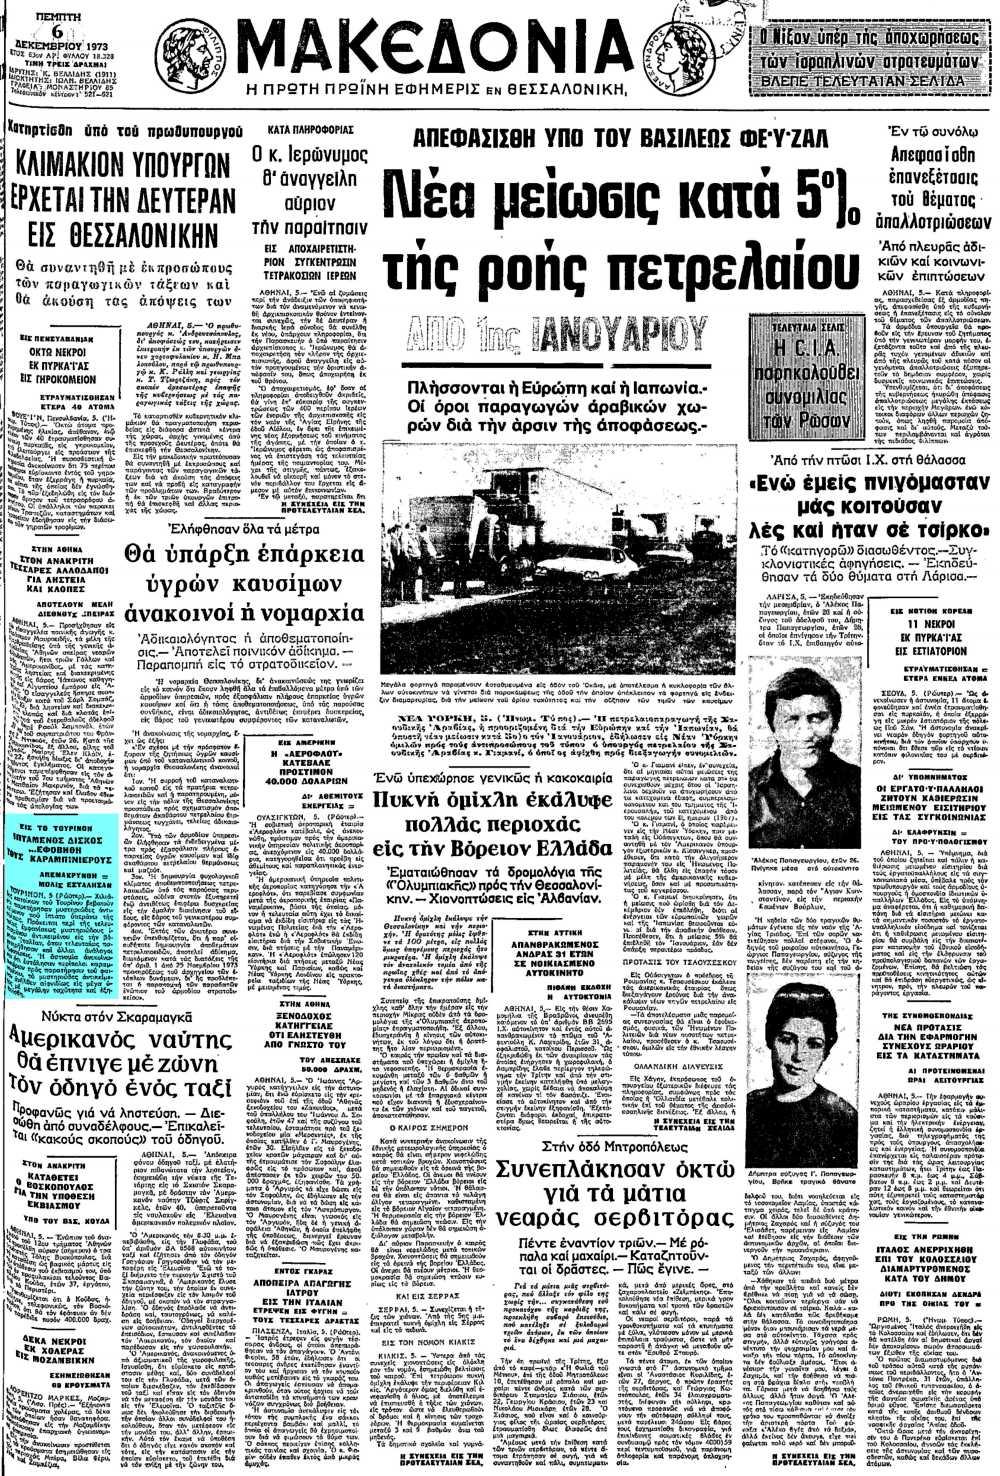 """Το άρθρο, όπως δημοσιεύθηκε στην εφημερίδα """"ΜΑΚΕΔΟΝΙΑ"""", στις 06/12/1973"""